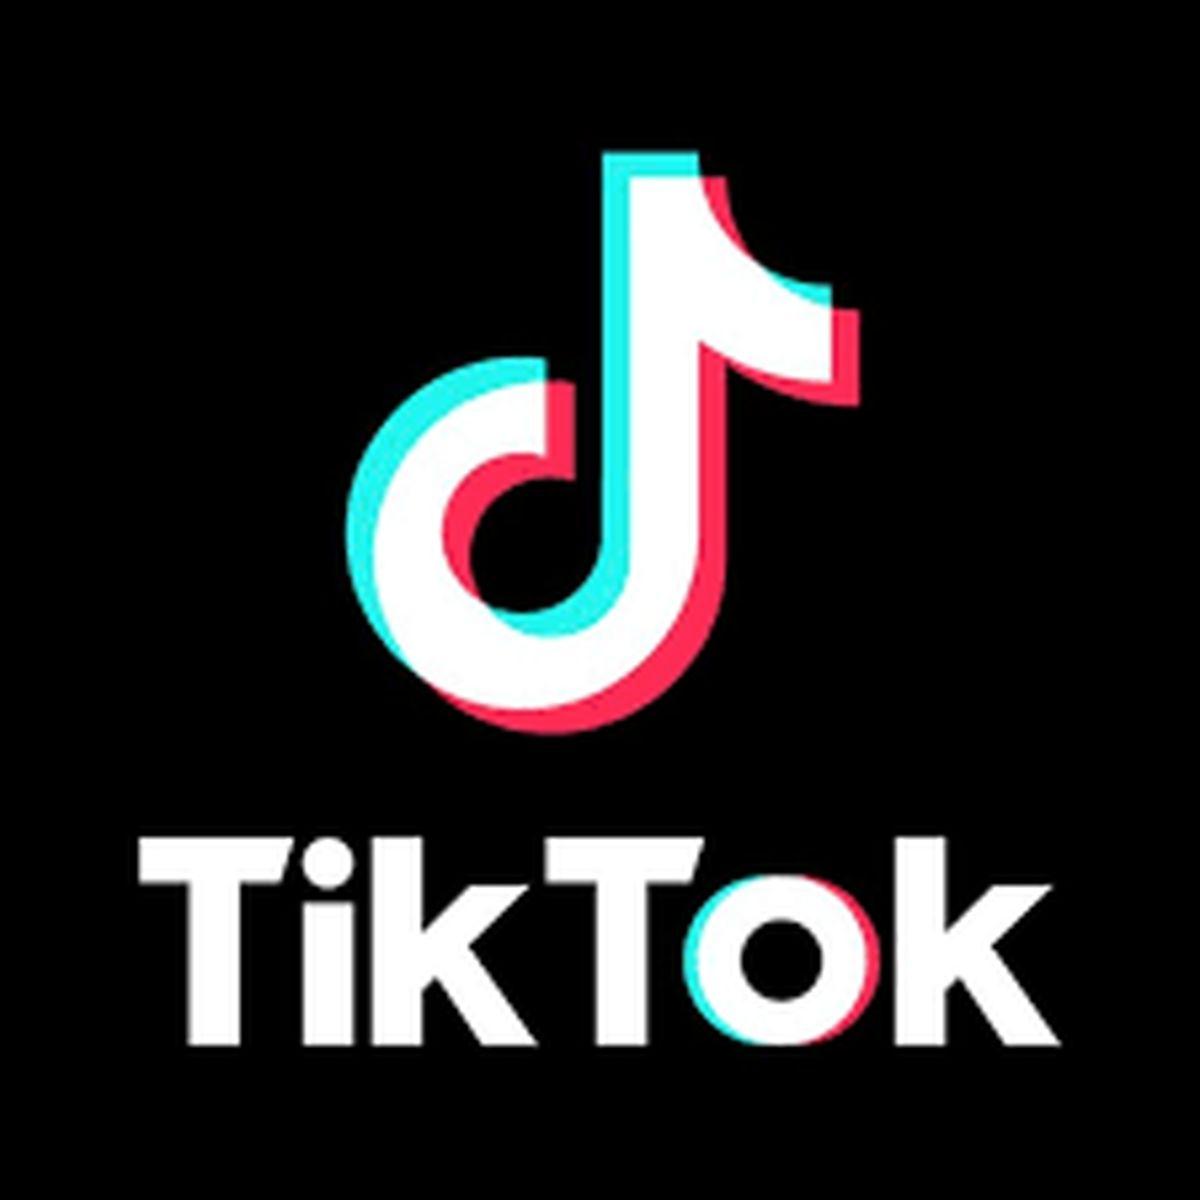 جمعیت تیک تاک یک میلیاردی شد